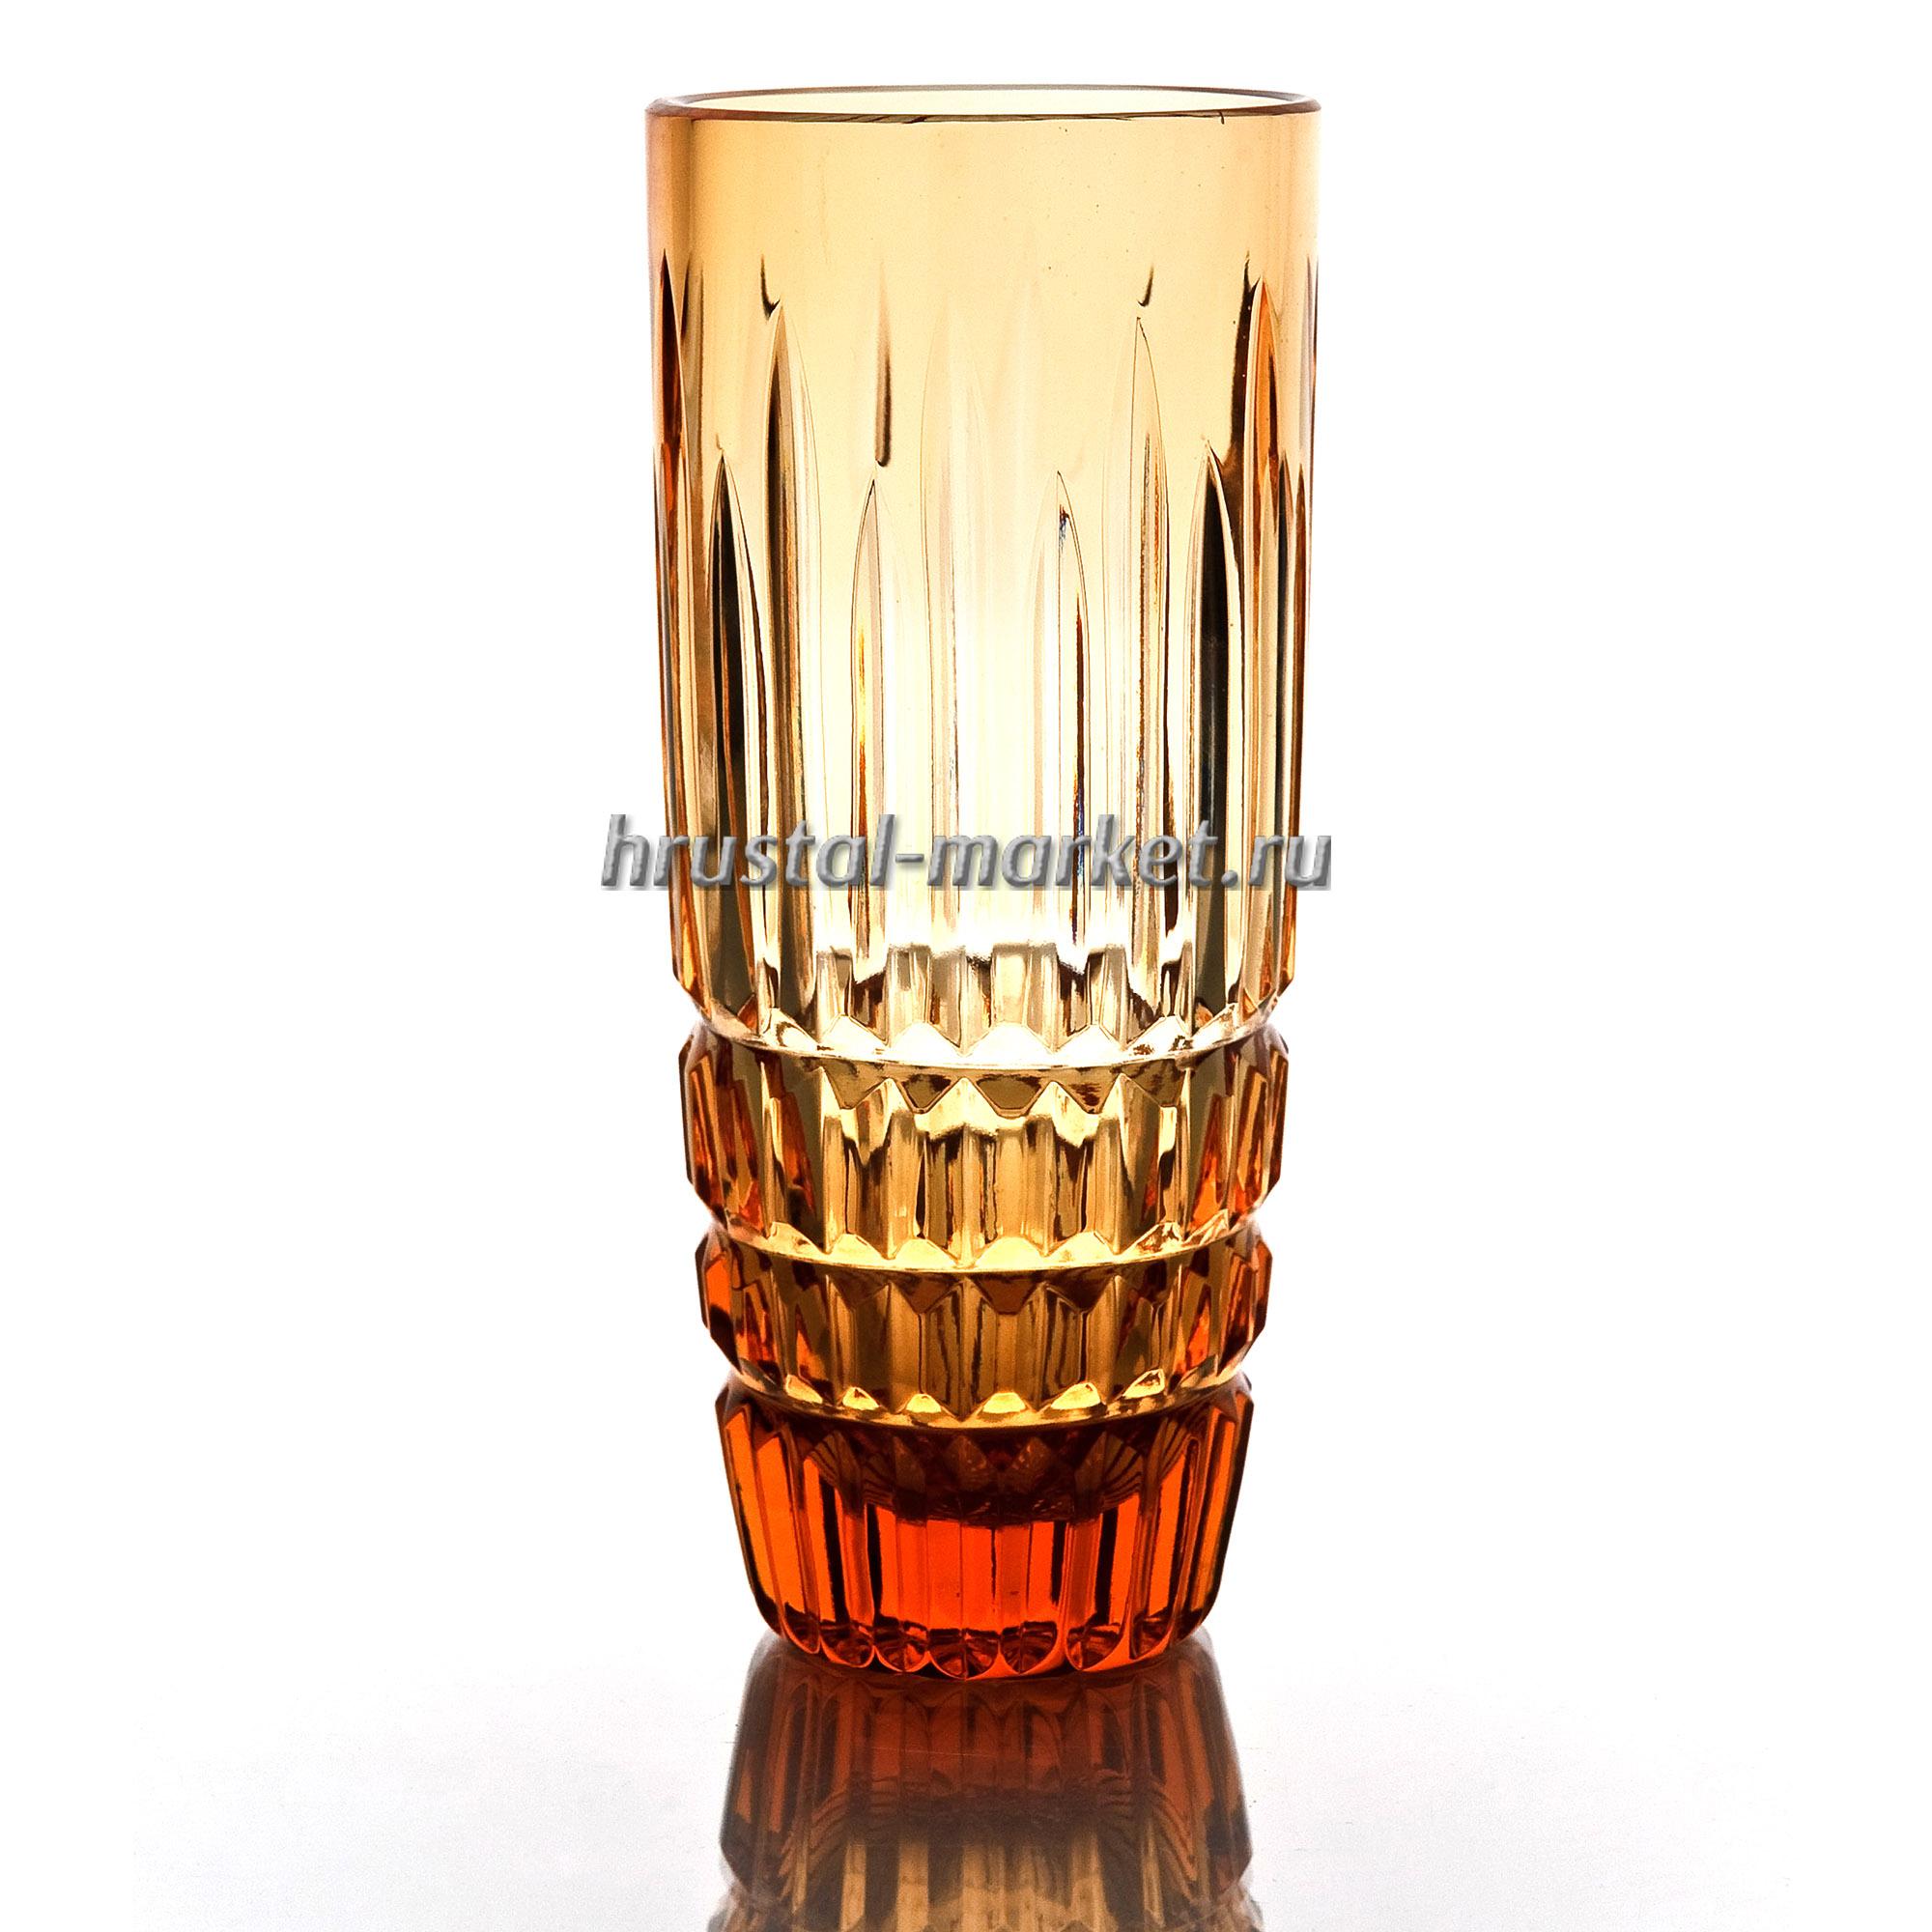 Набор хрустальных стаканов «Бутон» рисунок Медовый спас производства  Гусь-Хрустальный купить в интернет-магазине в Москве от завода, фото, цены,  отзывы